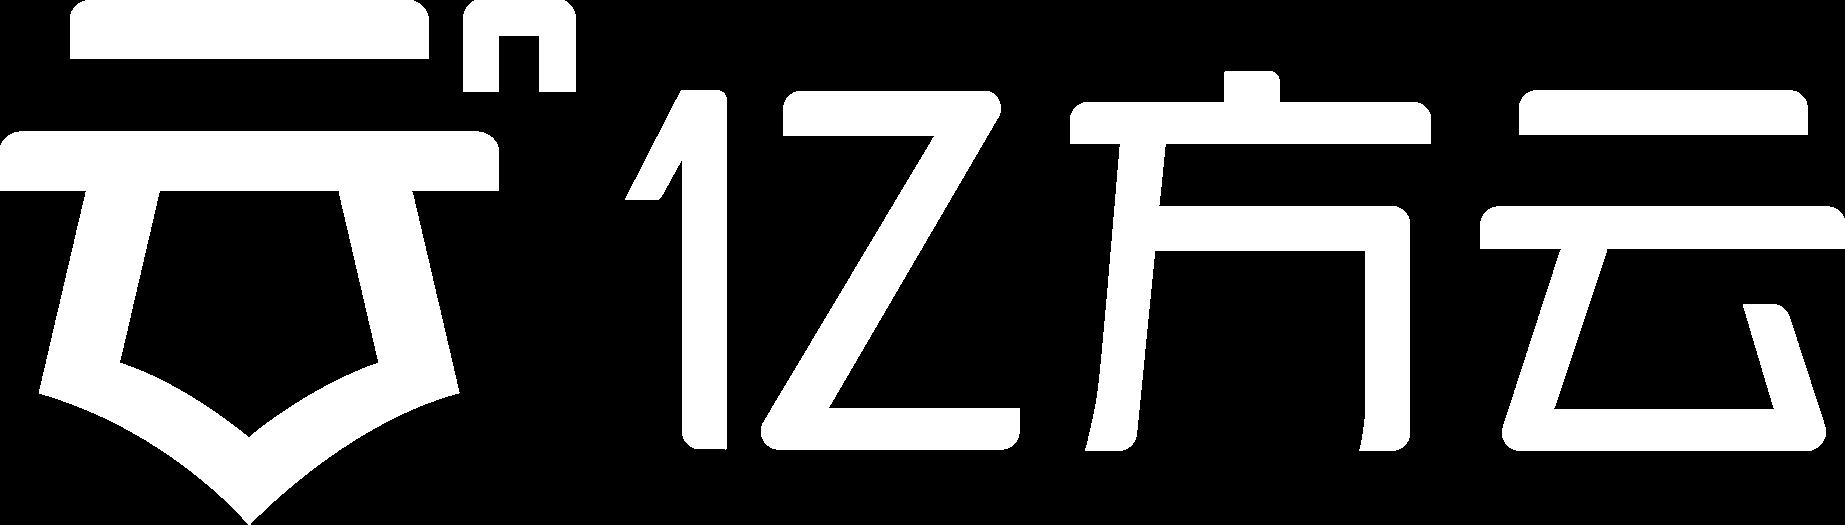 田广双色球推荐号企業網盤logo normal